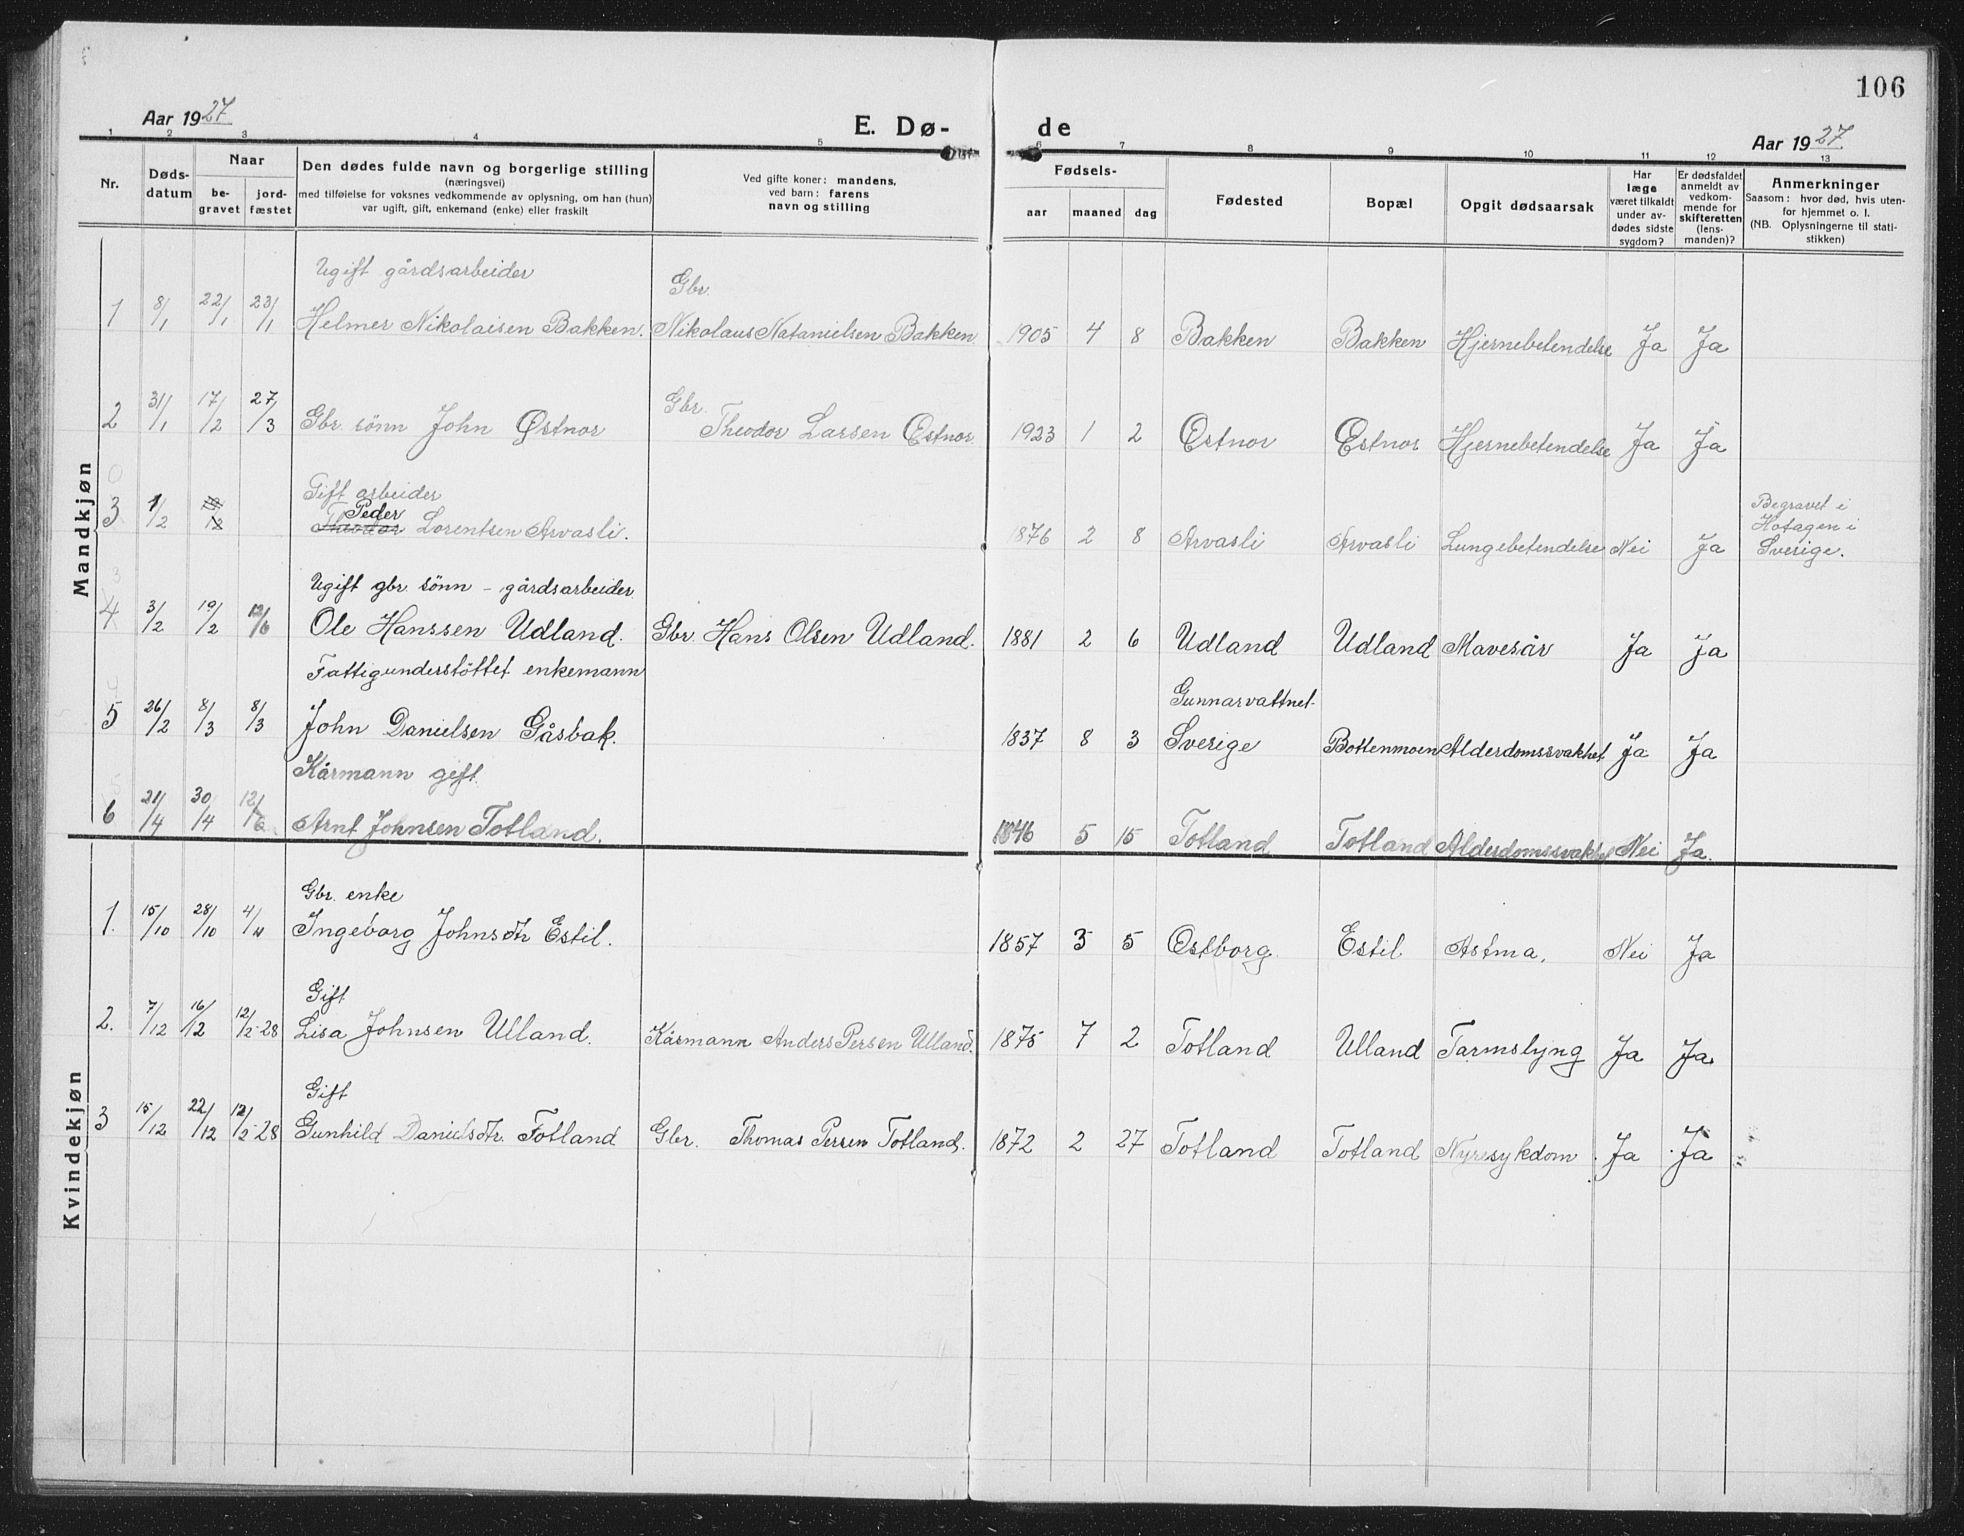 SAT, Ministerialprotokoller, klokkerbøker og fødselsregistre - Nord-Trøndelag, 757/L0507: Klokkerbok nr. 757C02, 1923-1939, s. 106